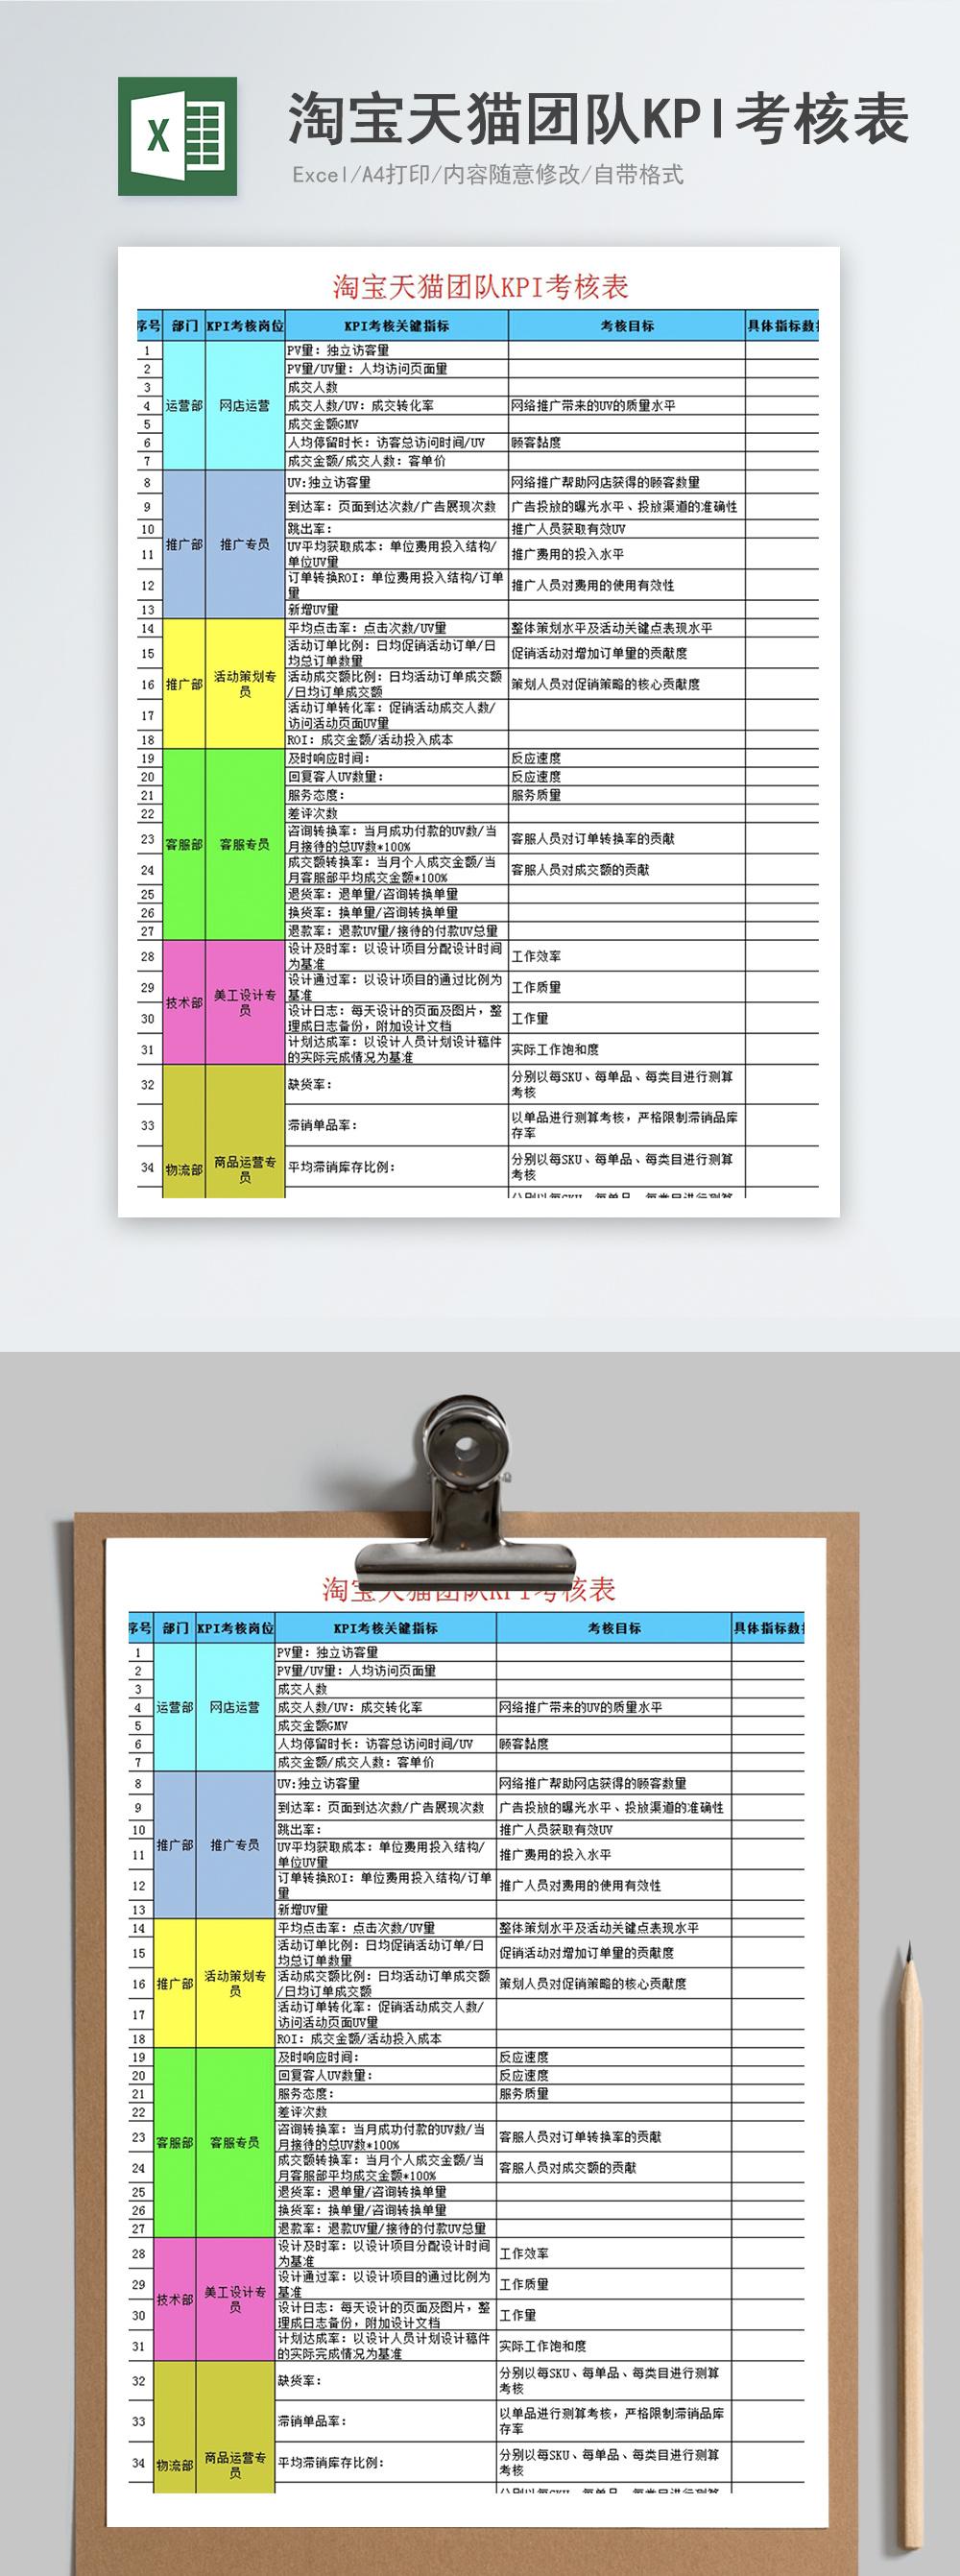 淘宝天猫团队KPI考核表Excel模板图片